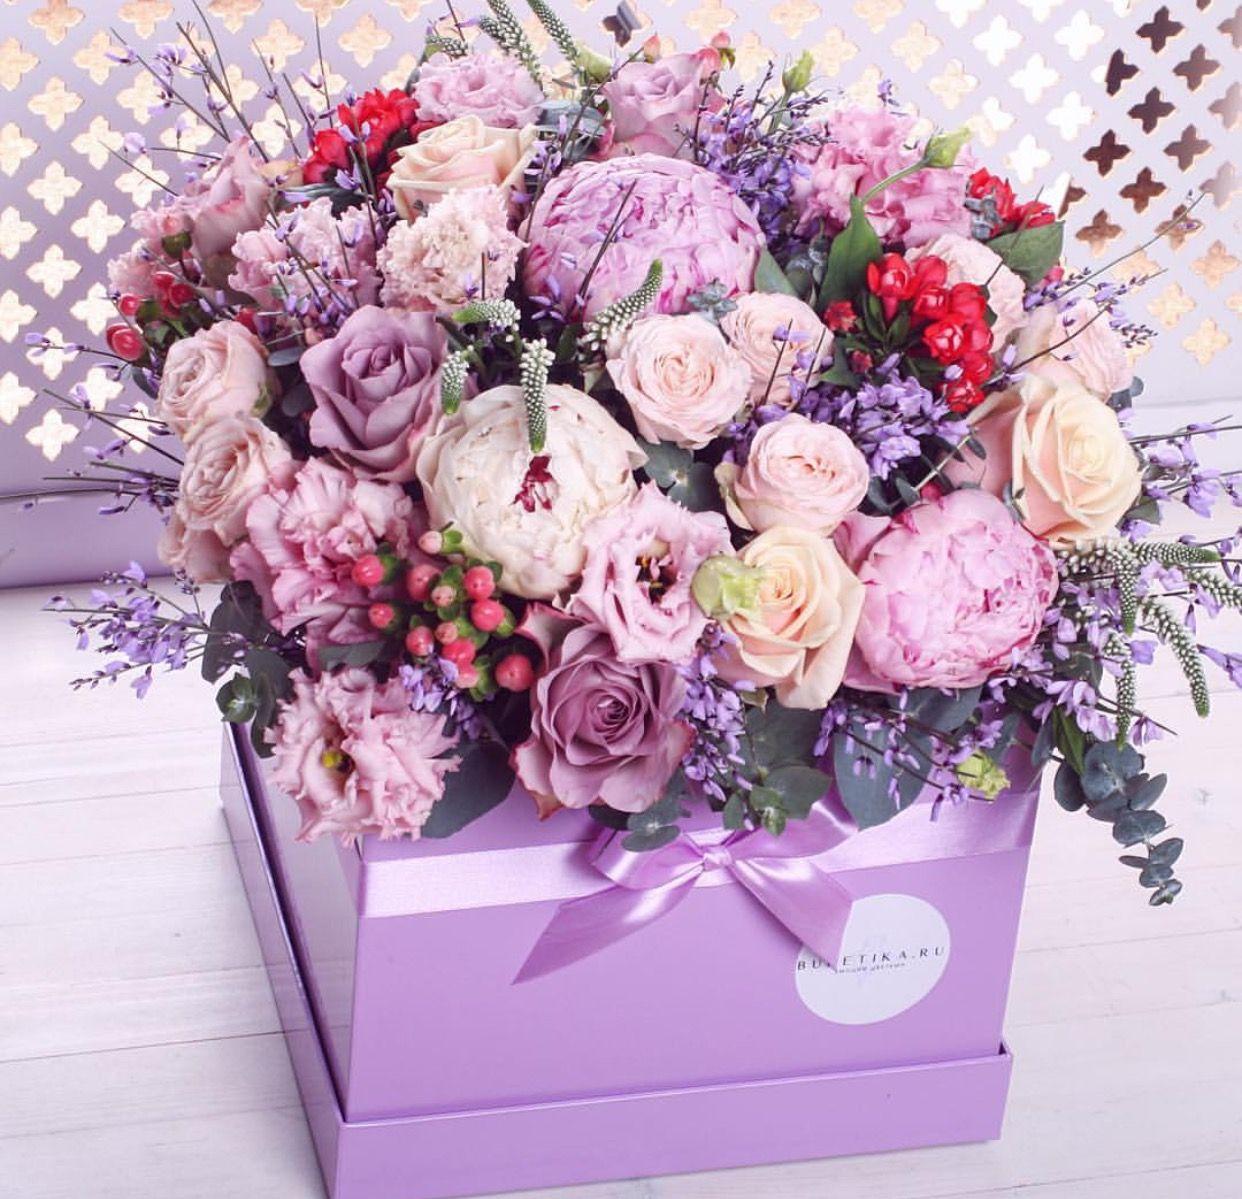 Открытки, день рождения женщине картинки цветы в коробке